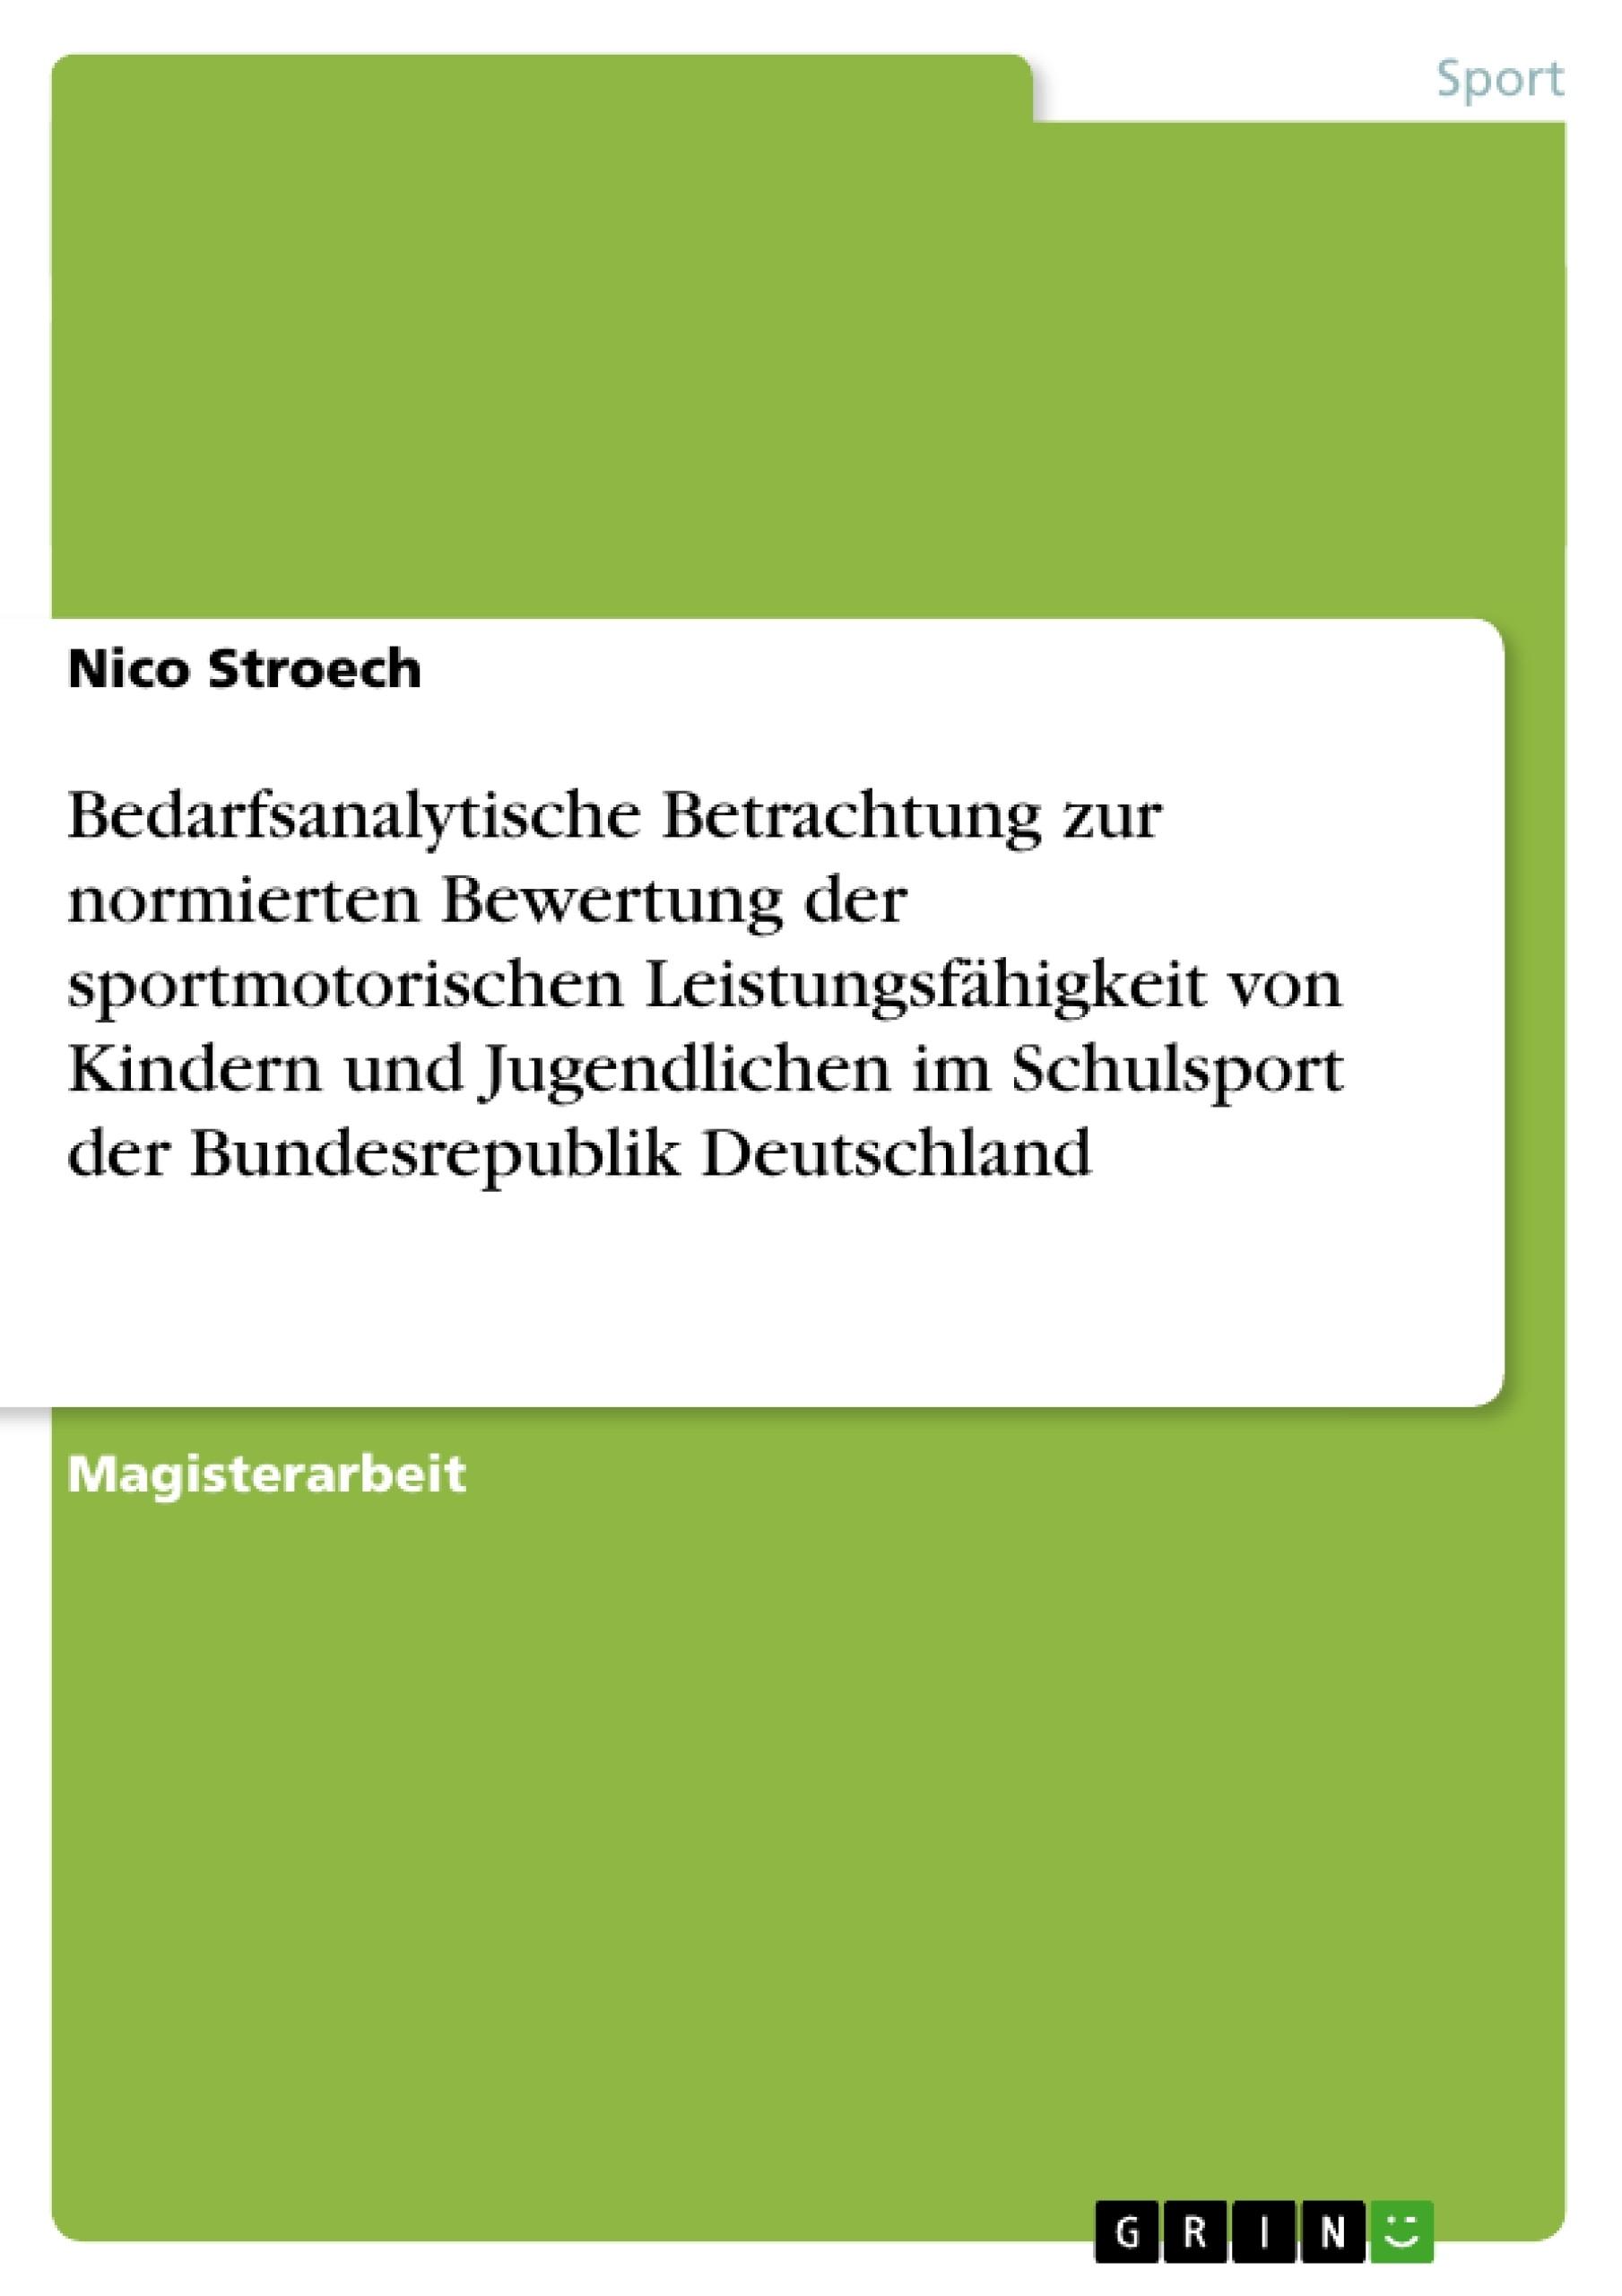 Titel: Bedarfsanalytische Betrachtung zur normierten Bewertung der sportmotorischen Leistungsfähigkeit von Kindern und Jugendlichen im Schulsport der Bundesrepublik Deutschland